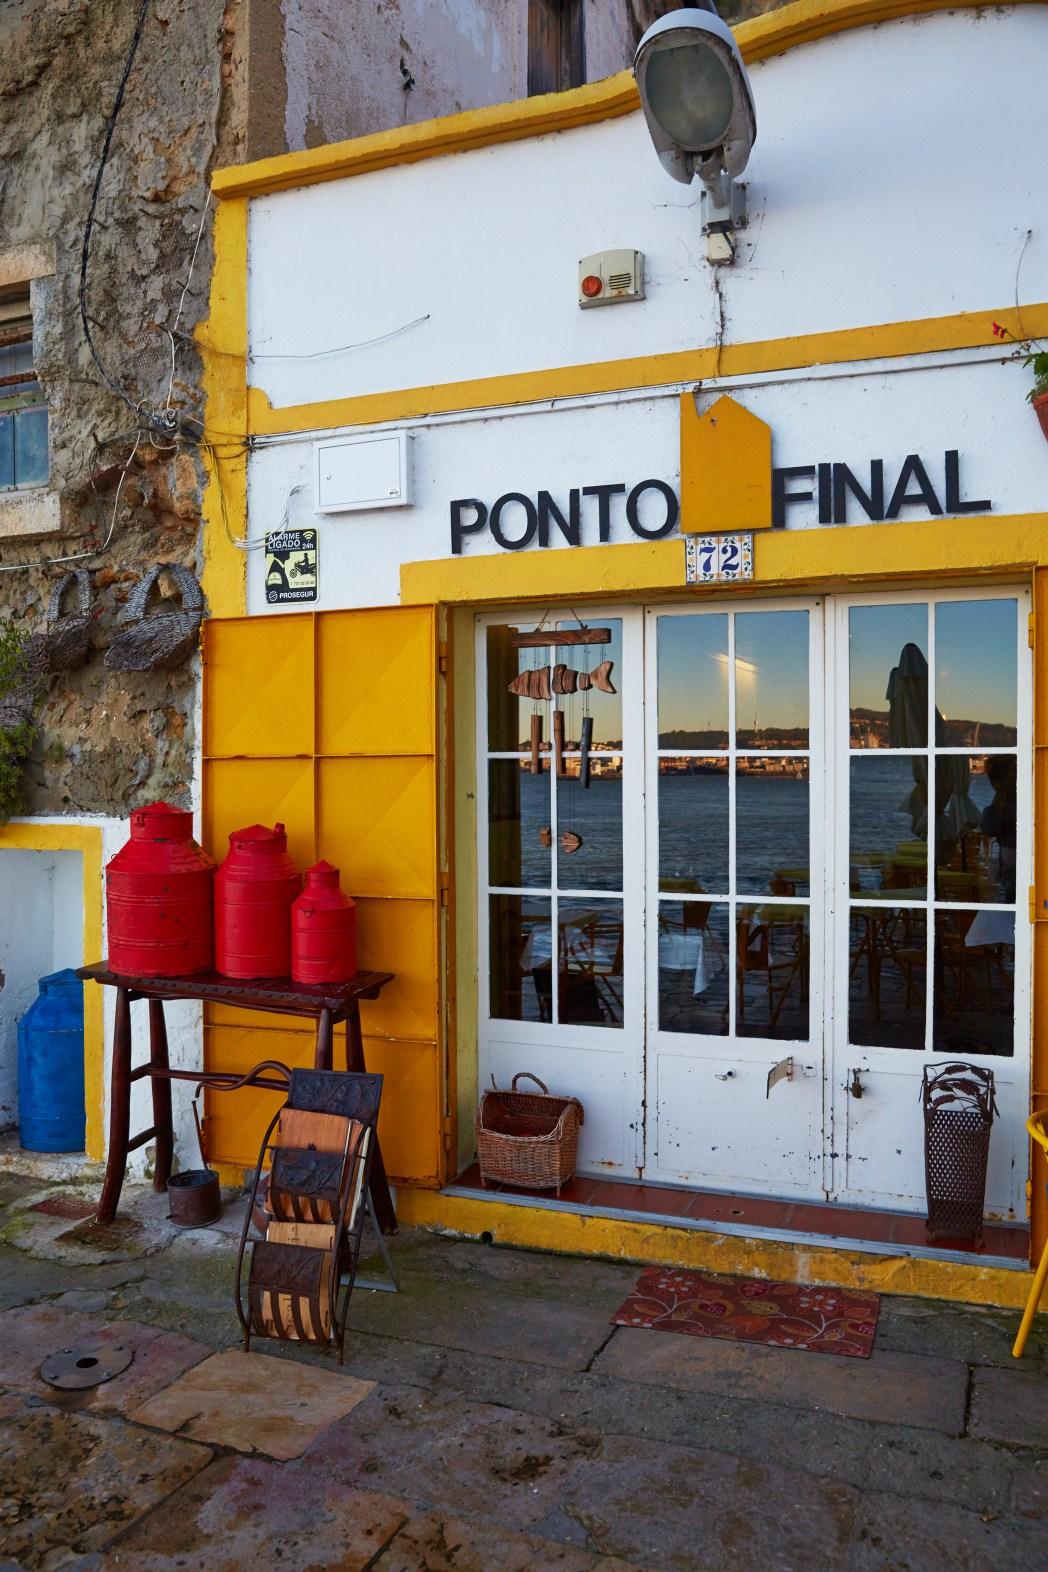 Restaurant Ponto Final in Lissabon